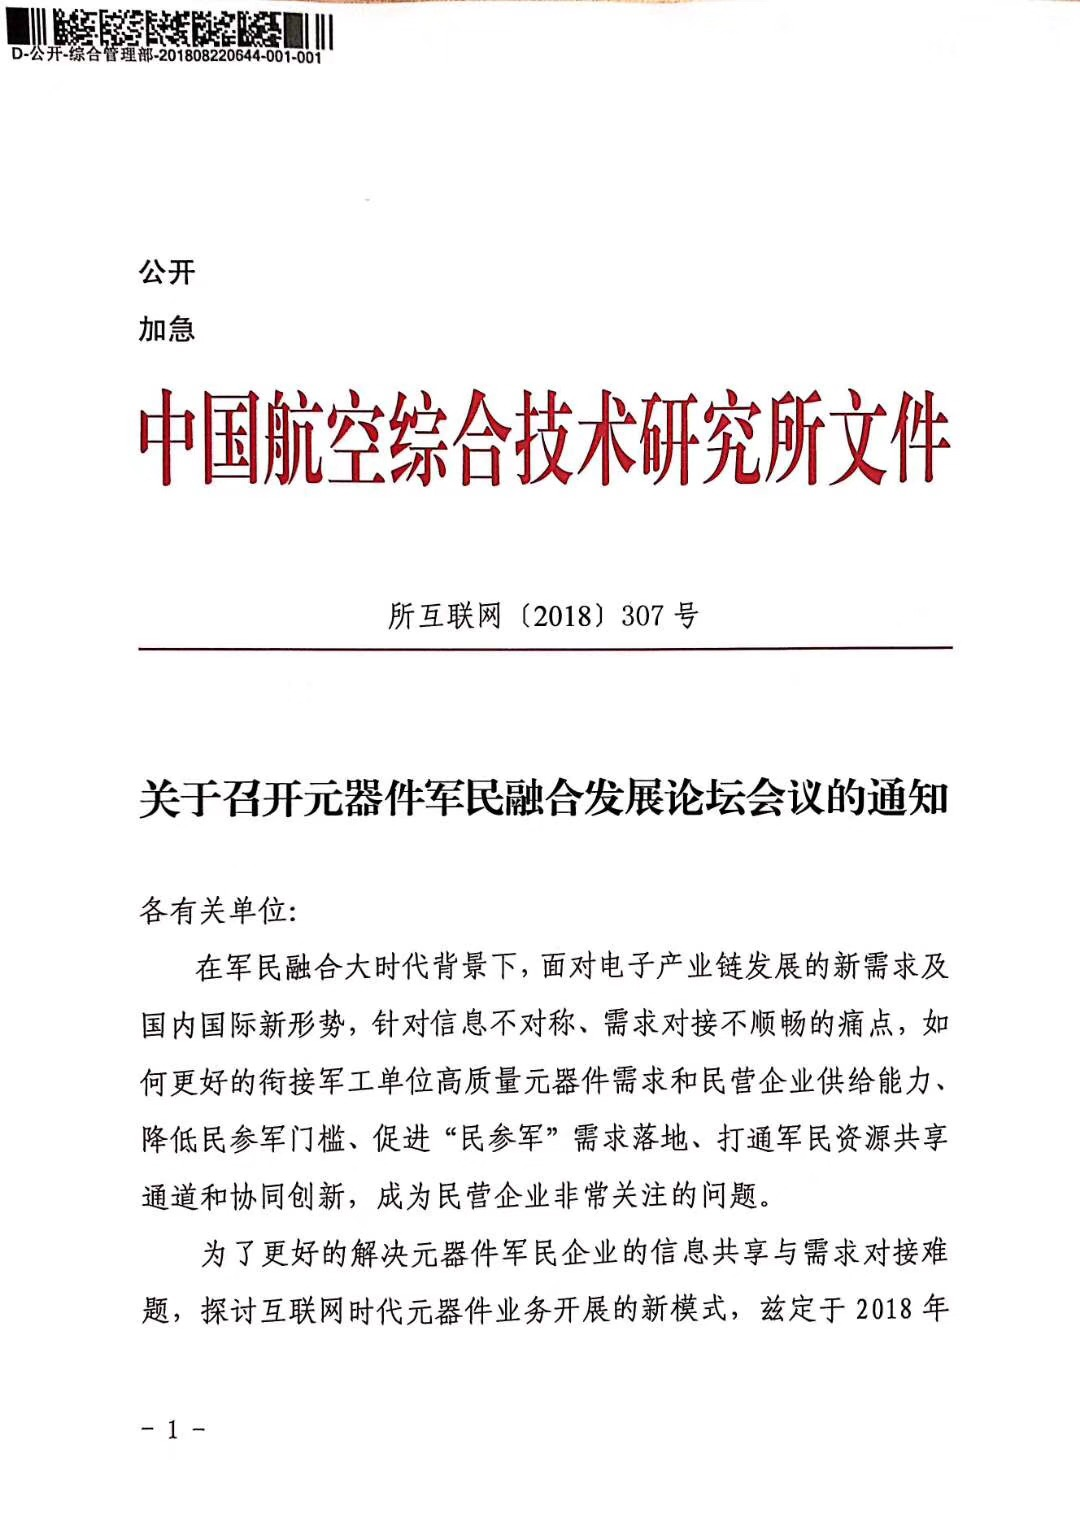 元器件军民融合发展论坛会议在北京召开